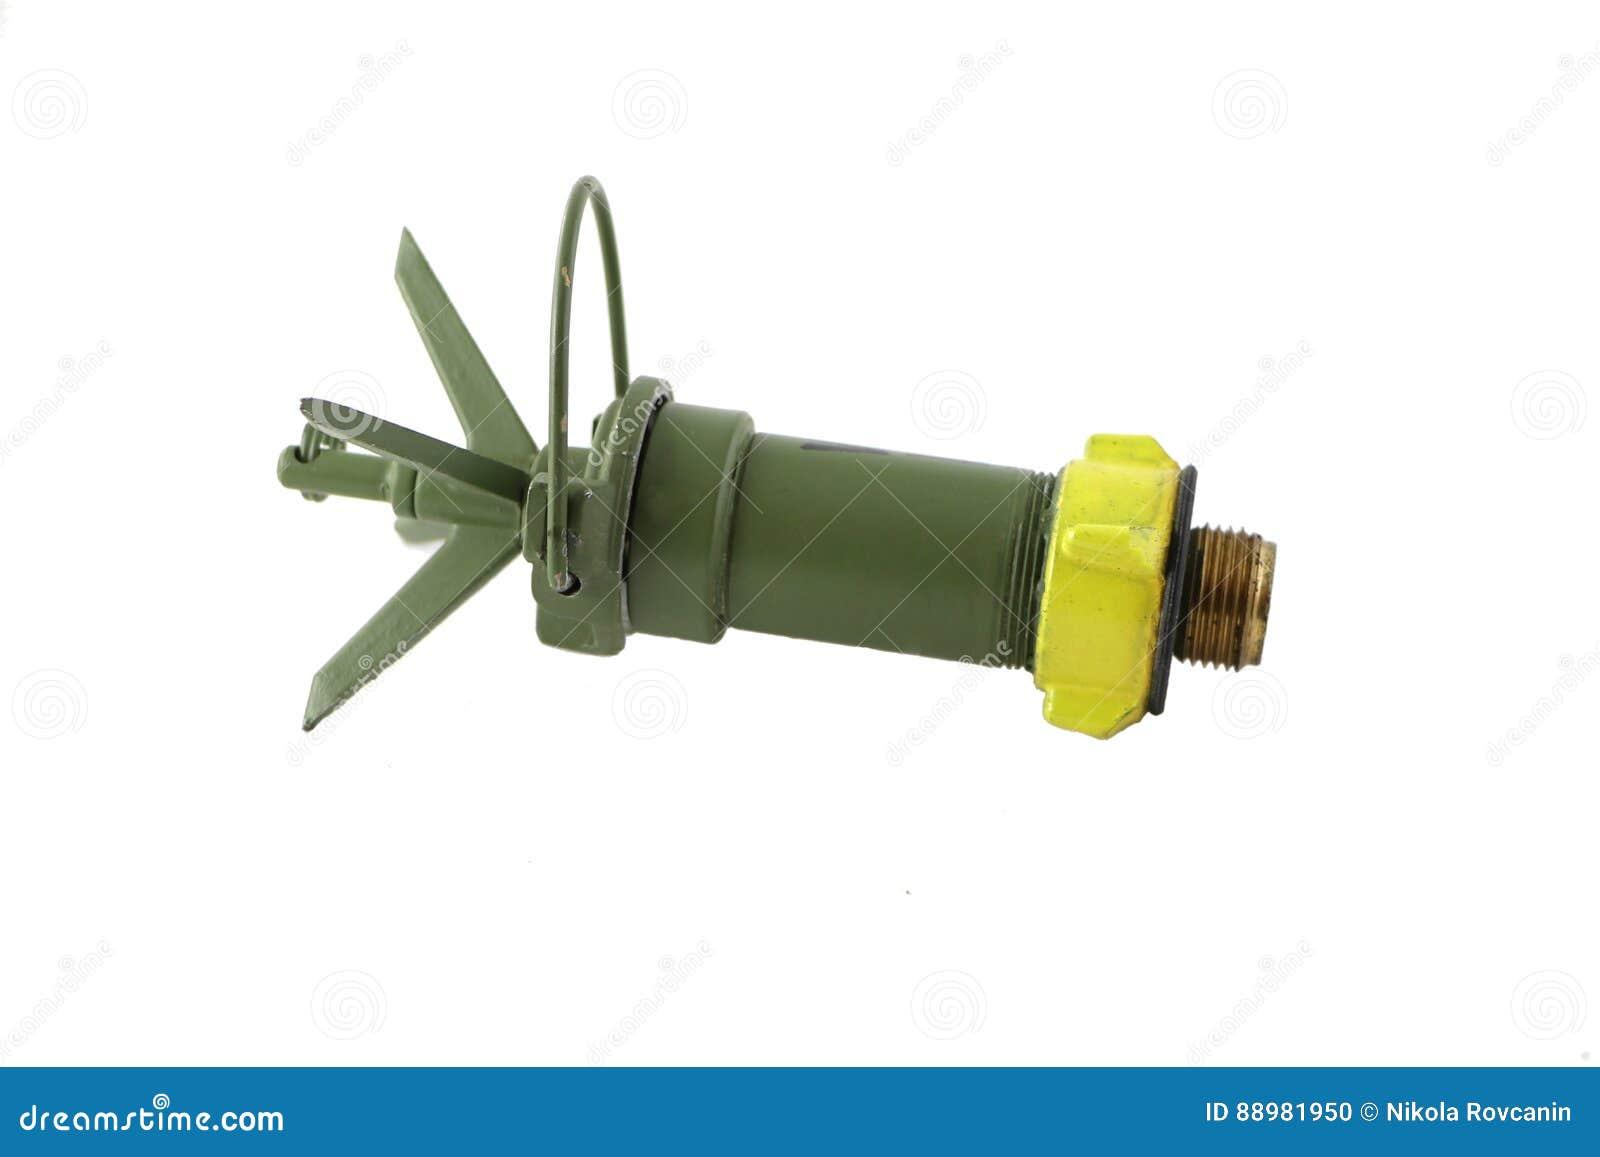 School bomb trigger